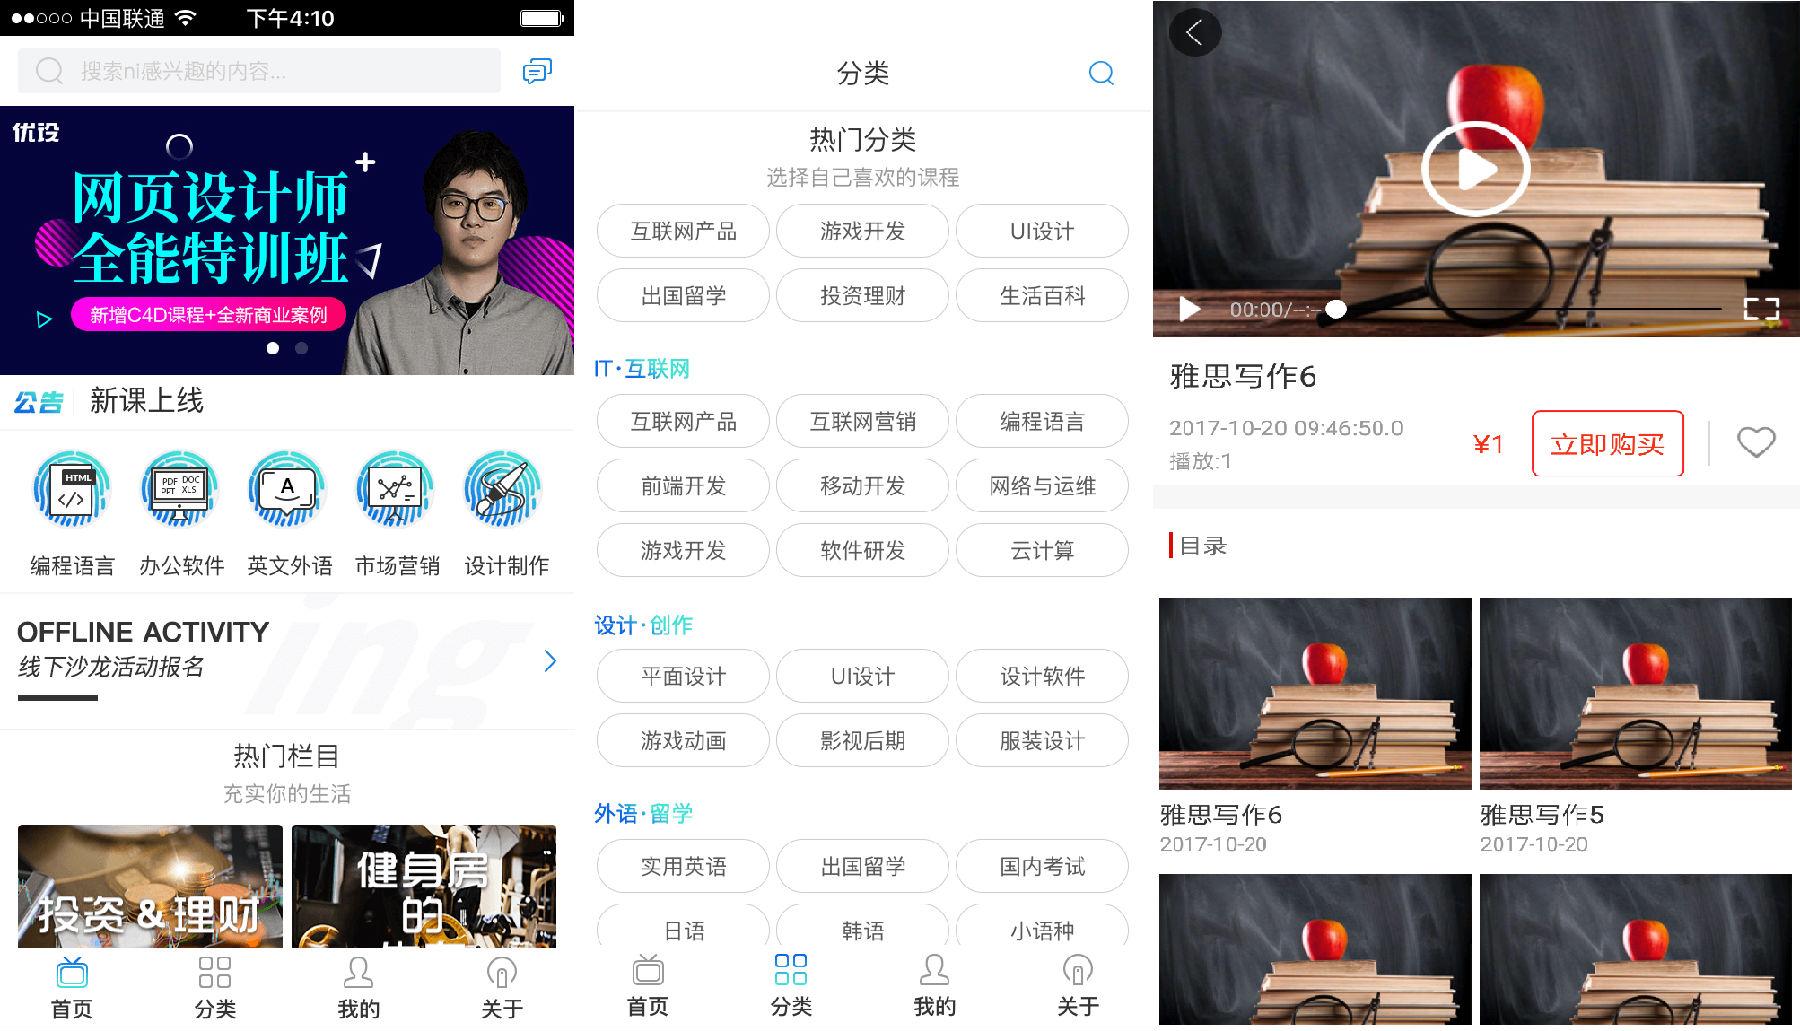 0基础10分钟亚博官网首页新闻手机app,附新闻资讯app亚博官网首页解决方案